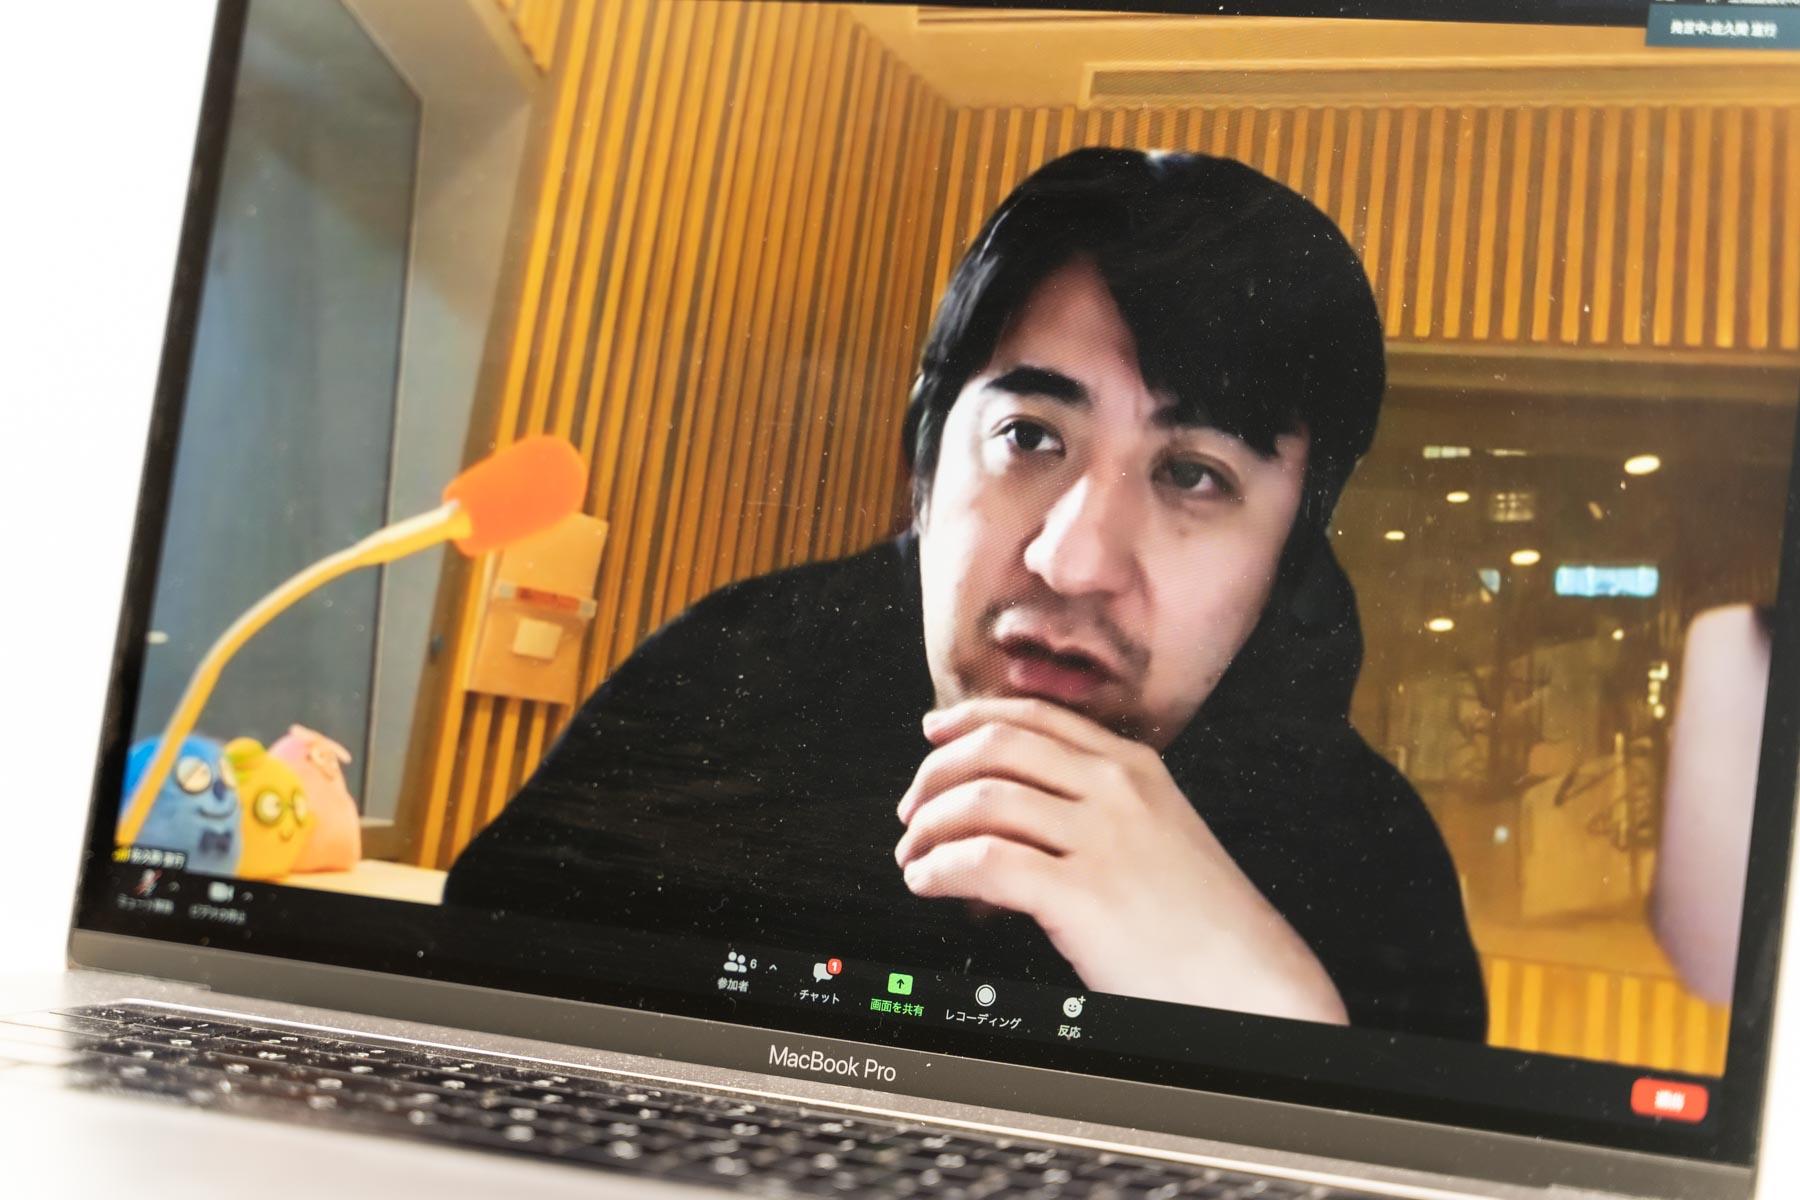 佐久間宣行さんのインタビューカット2